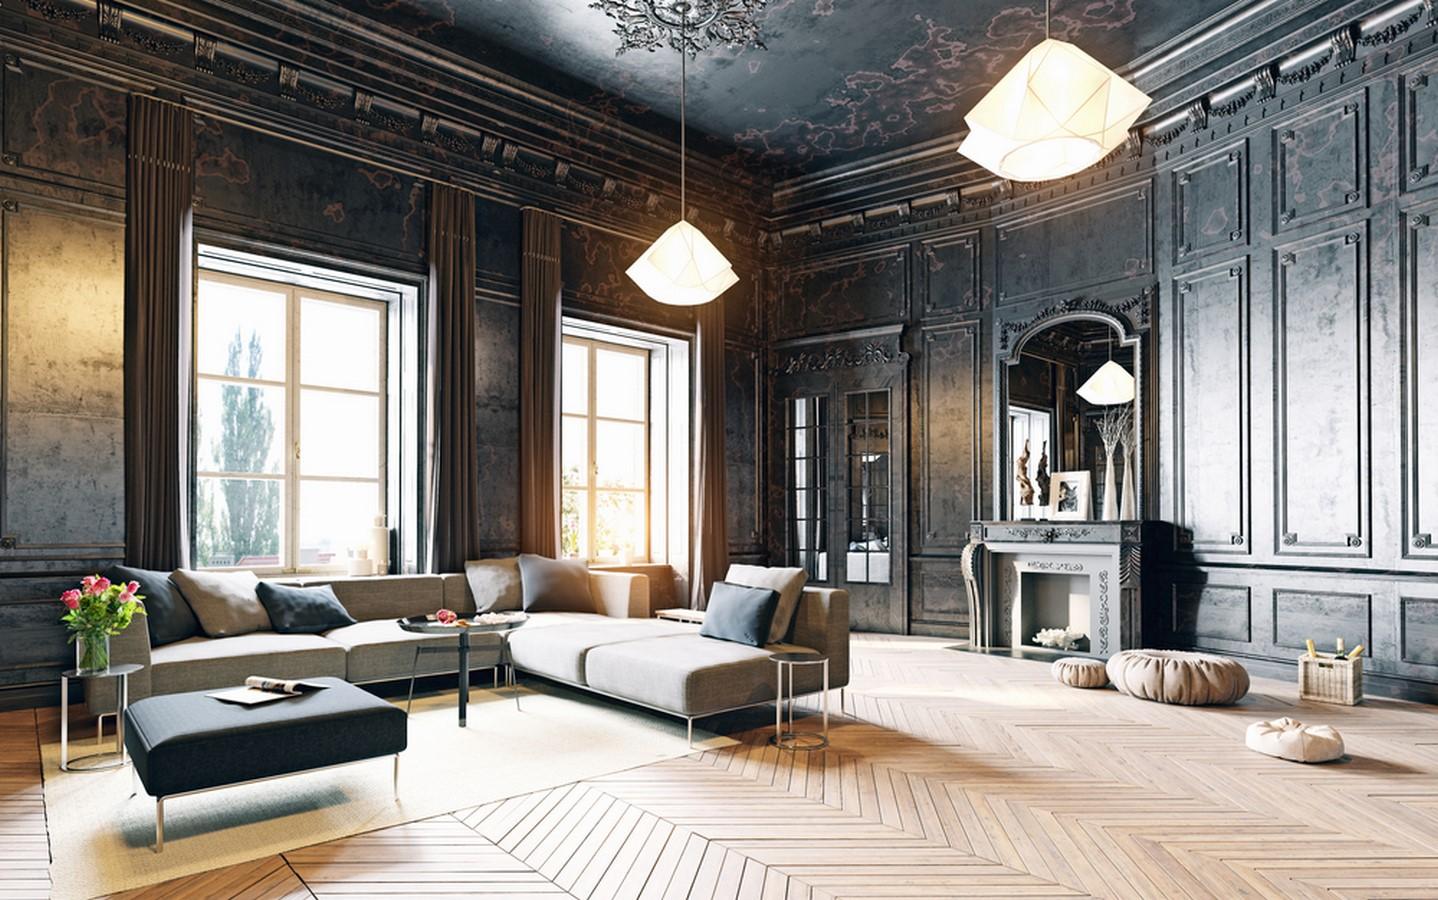 vintage inspired homes, vintage homes, architectural works - Sheet10